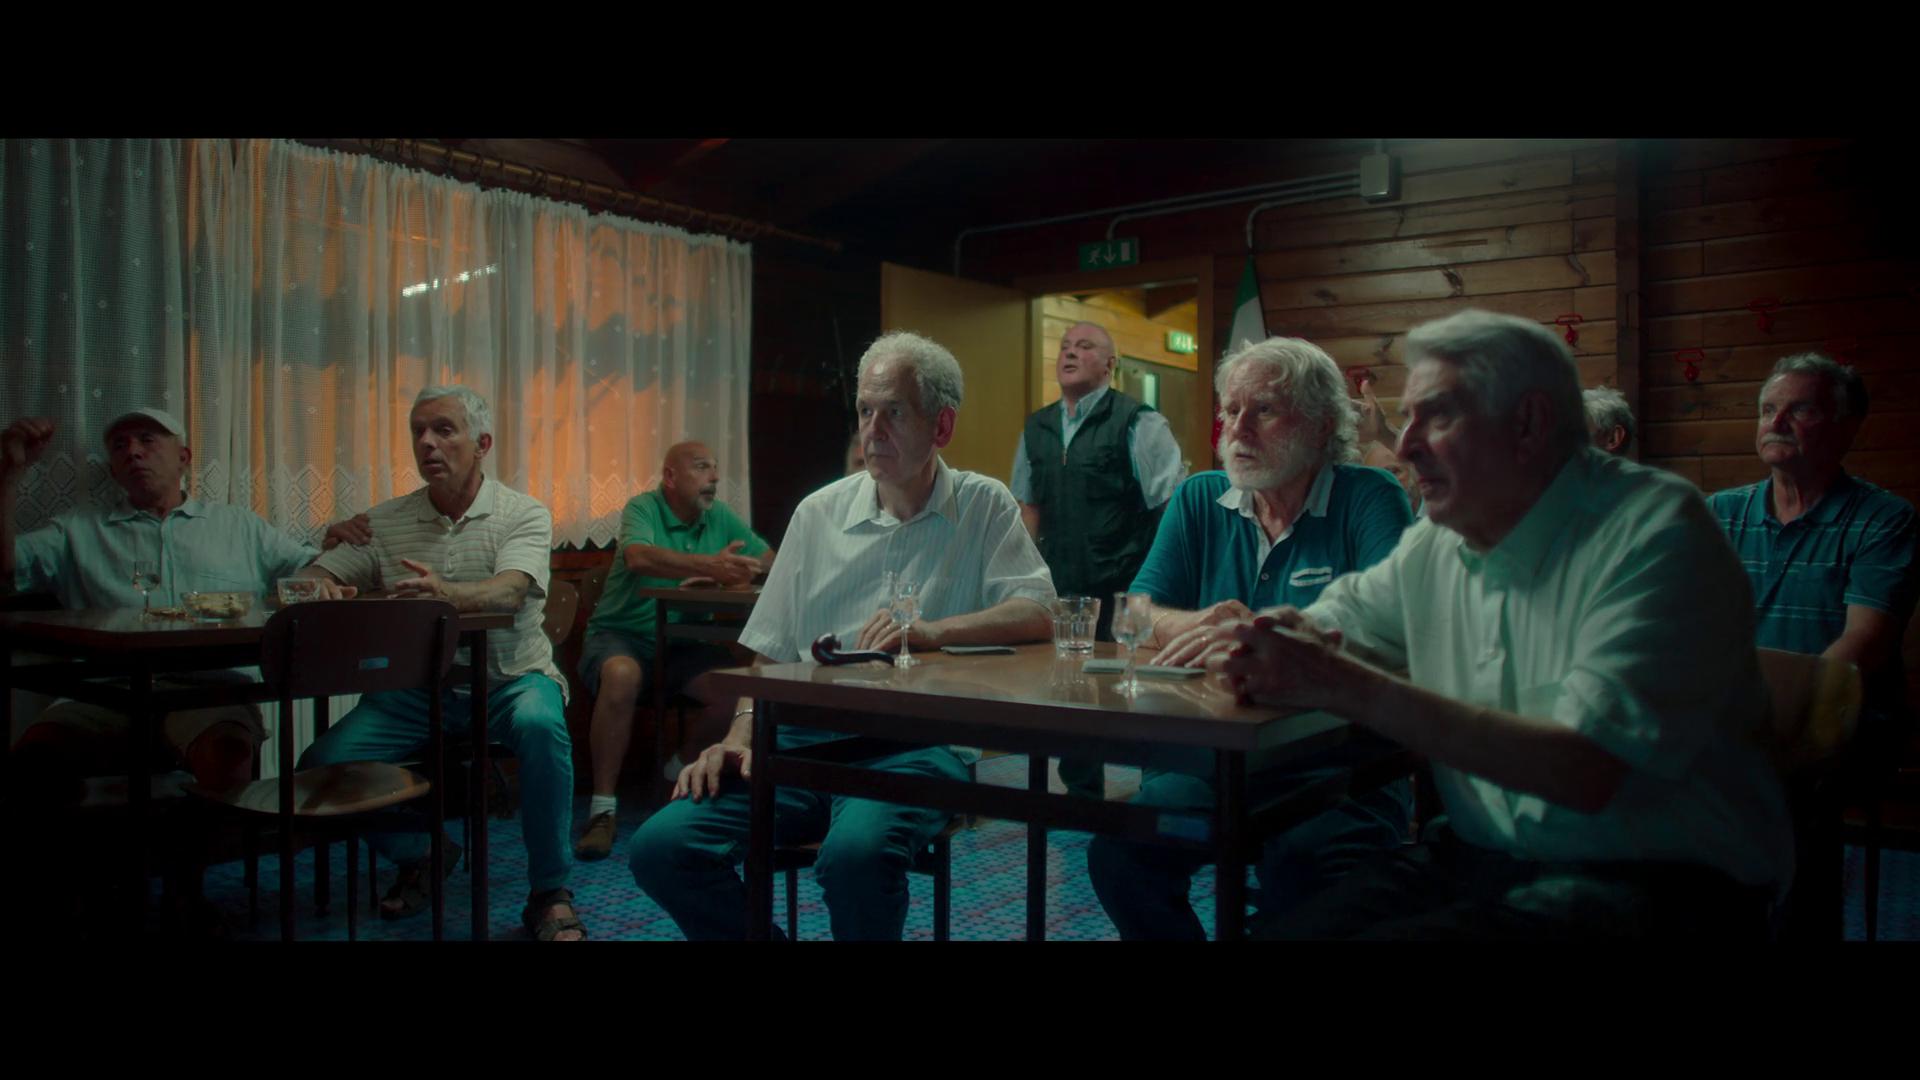 Roberto Baggio: El divino (2021) 1080p WEB-DL Latino